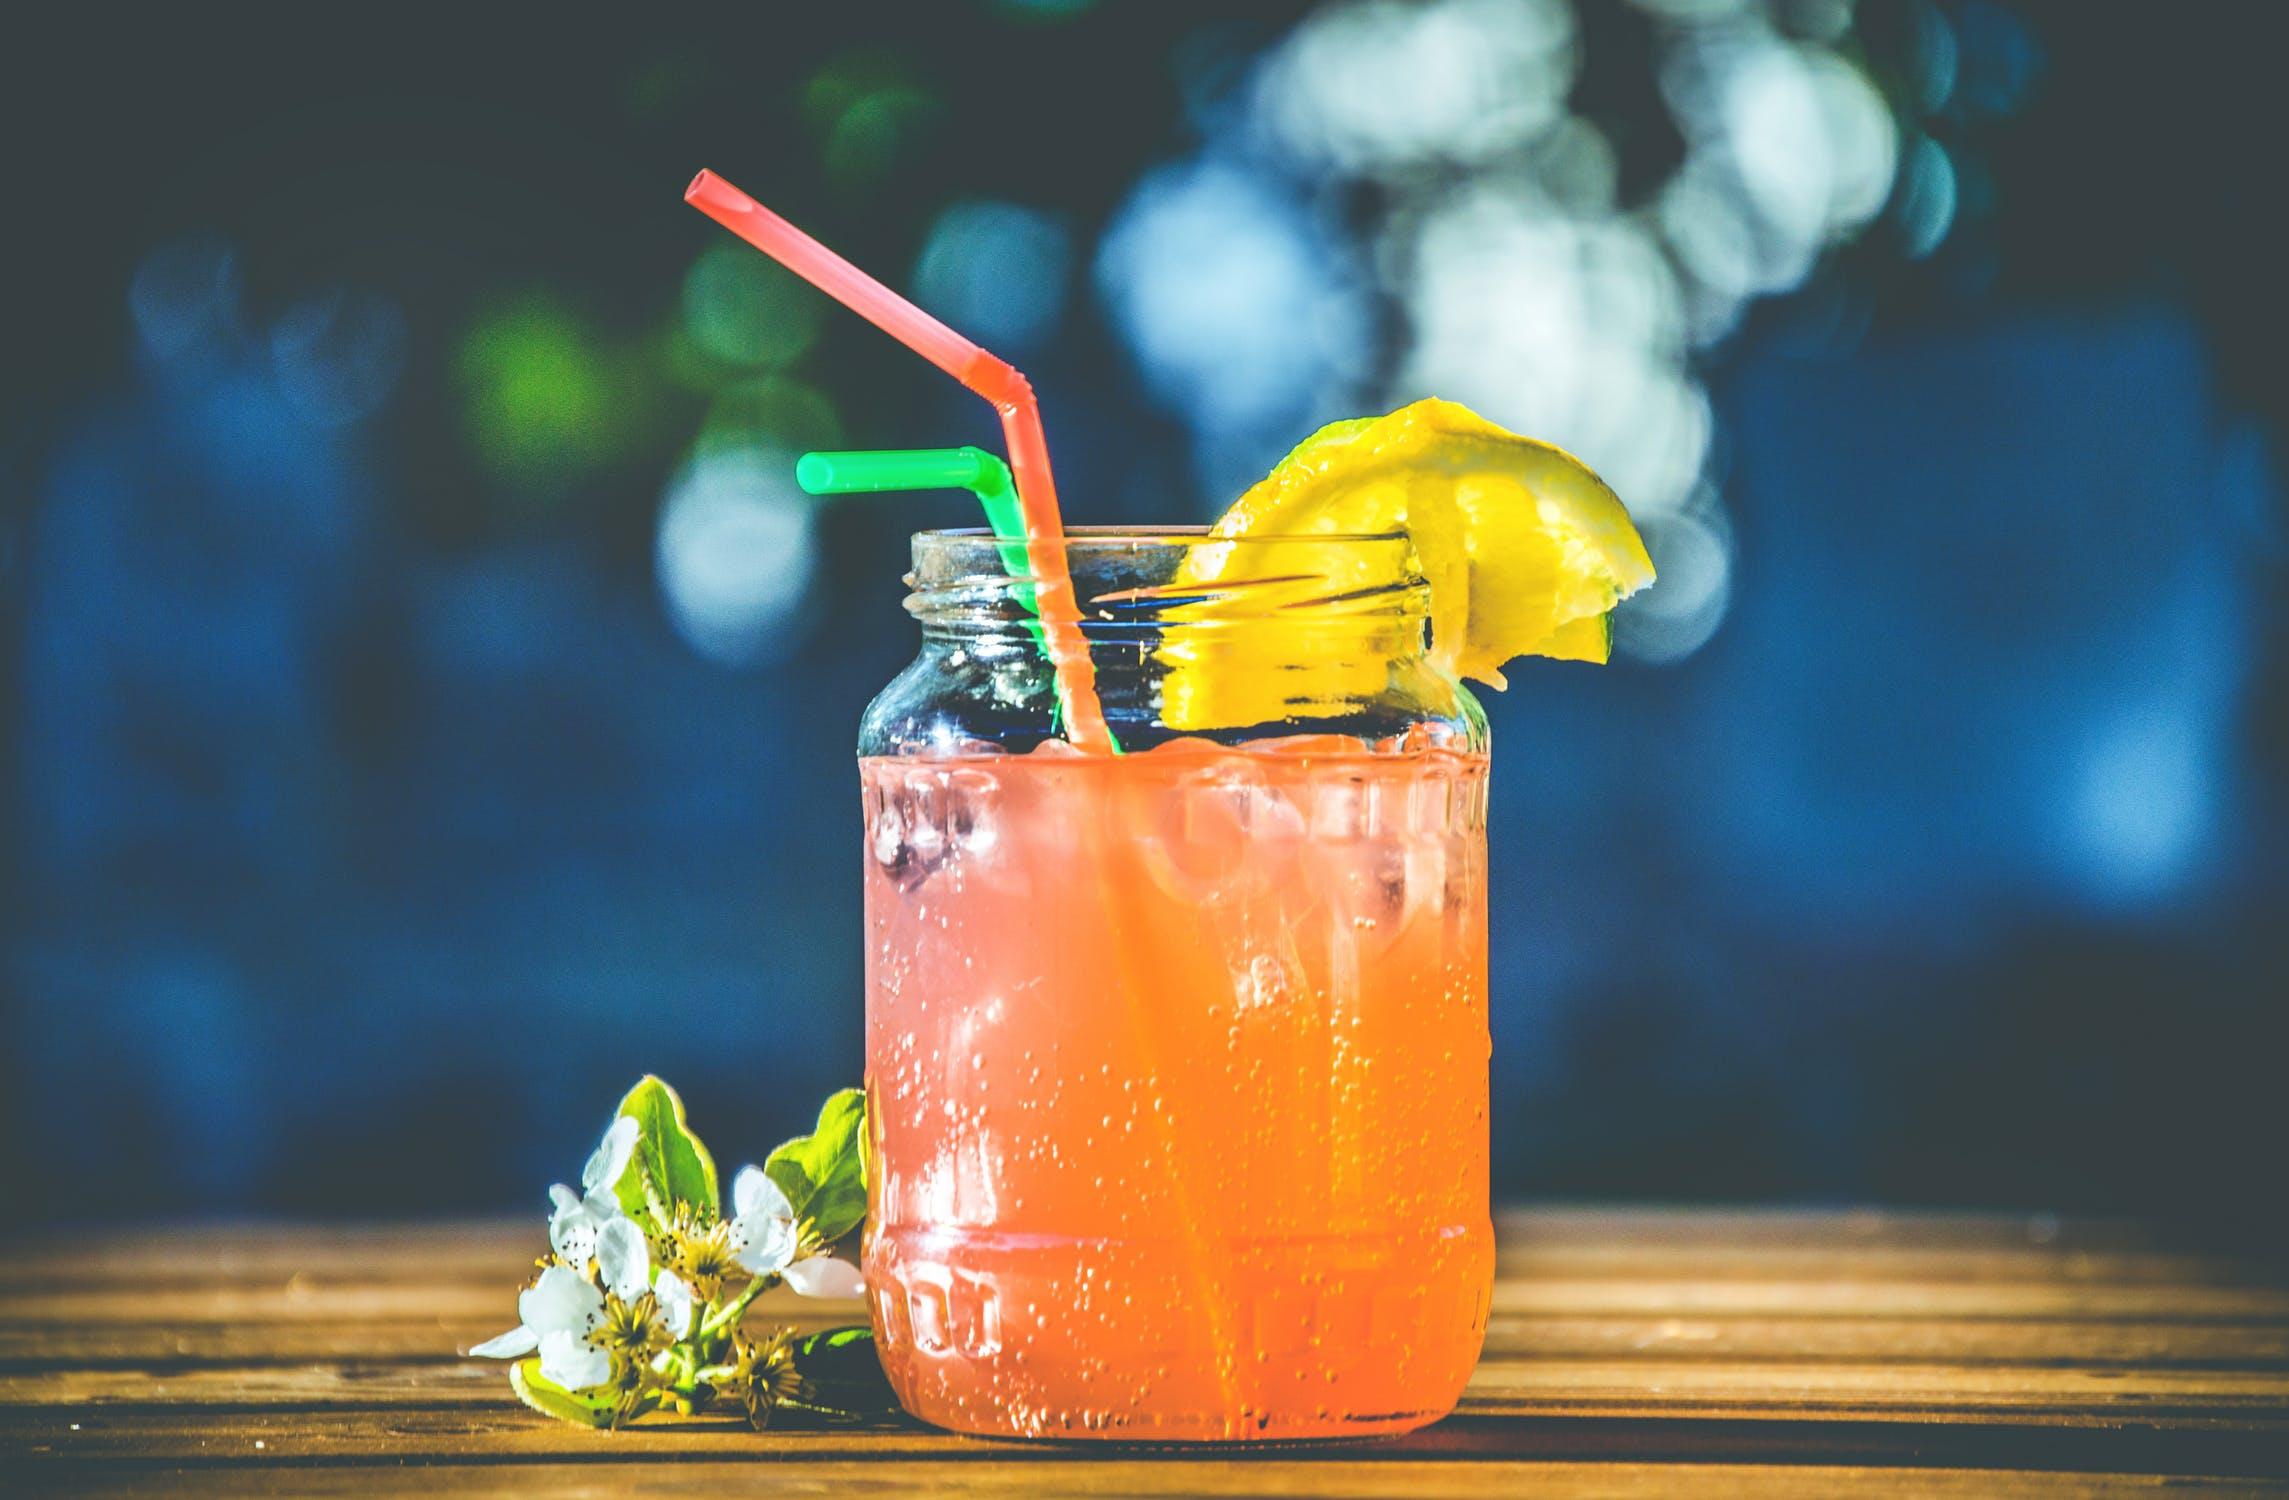 Sugerøret er en vigtig del af en drink